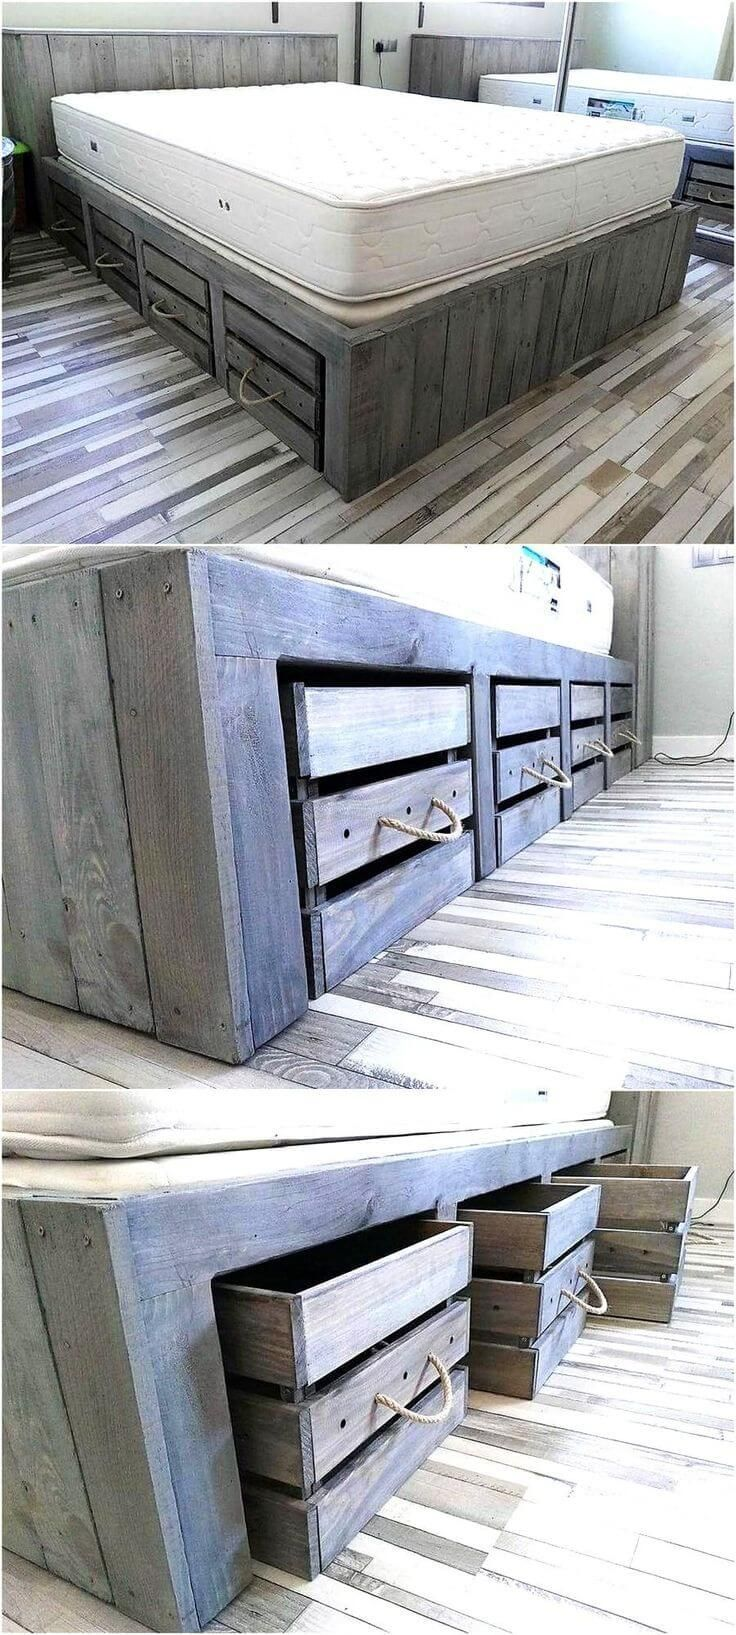 37 kleine Schlafzimmer-Designs und Ideen für die Maxim – https://pickndecor.com/interior